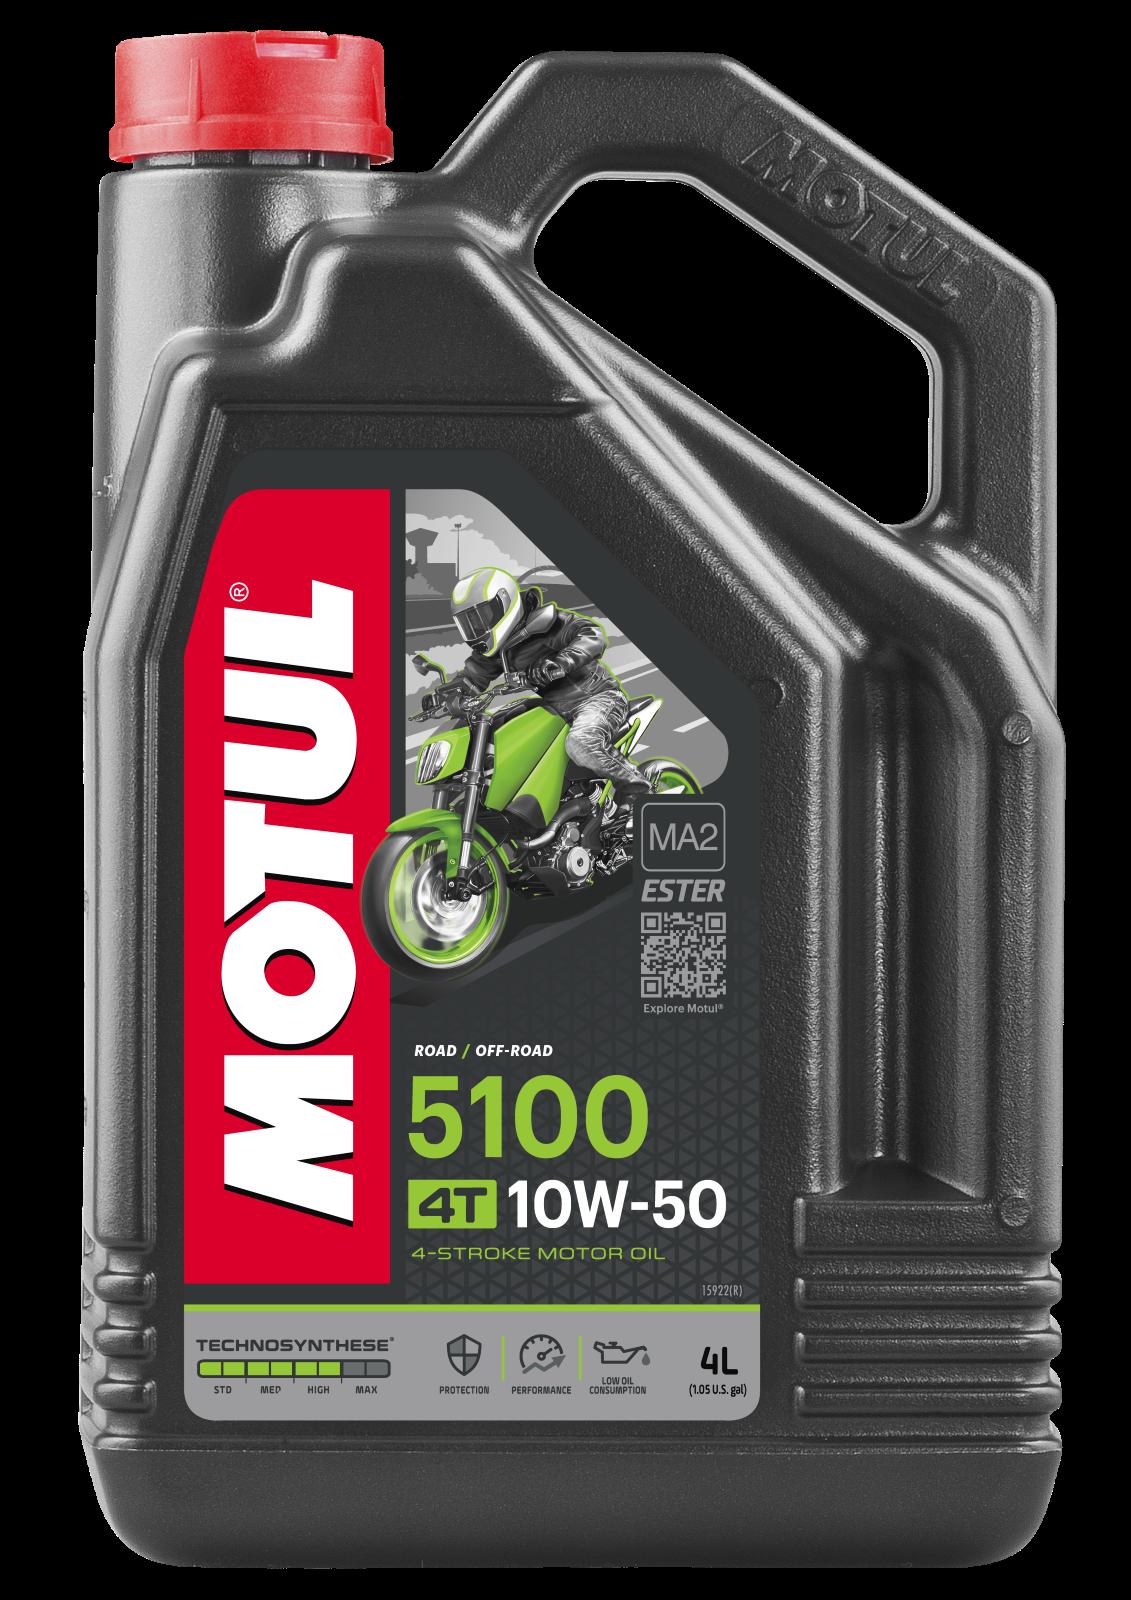 MOTUL AG MOTUL 5100 4T 10W-50 4L